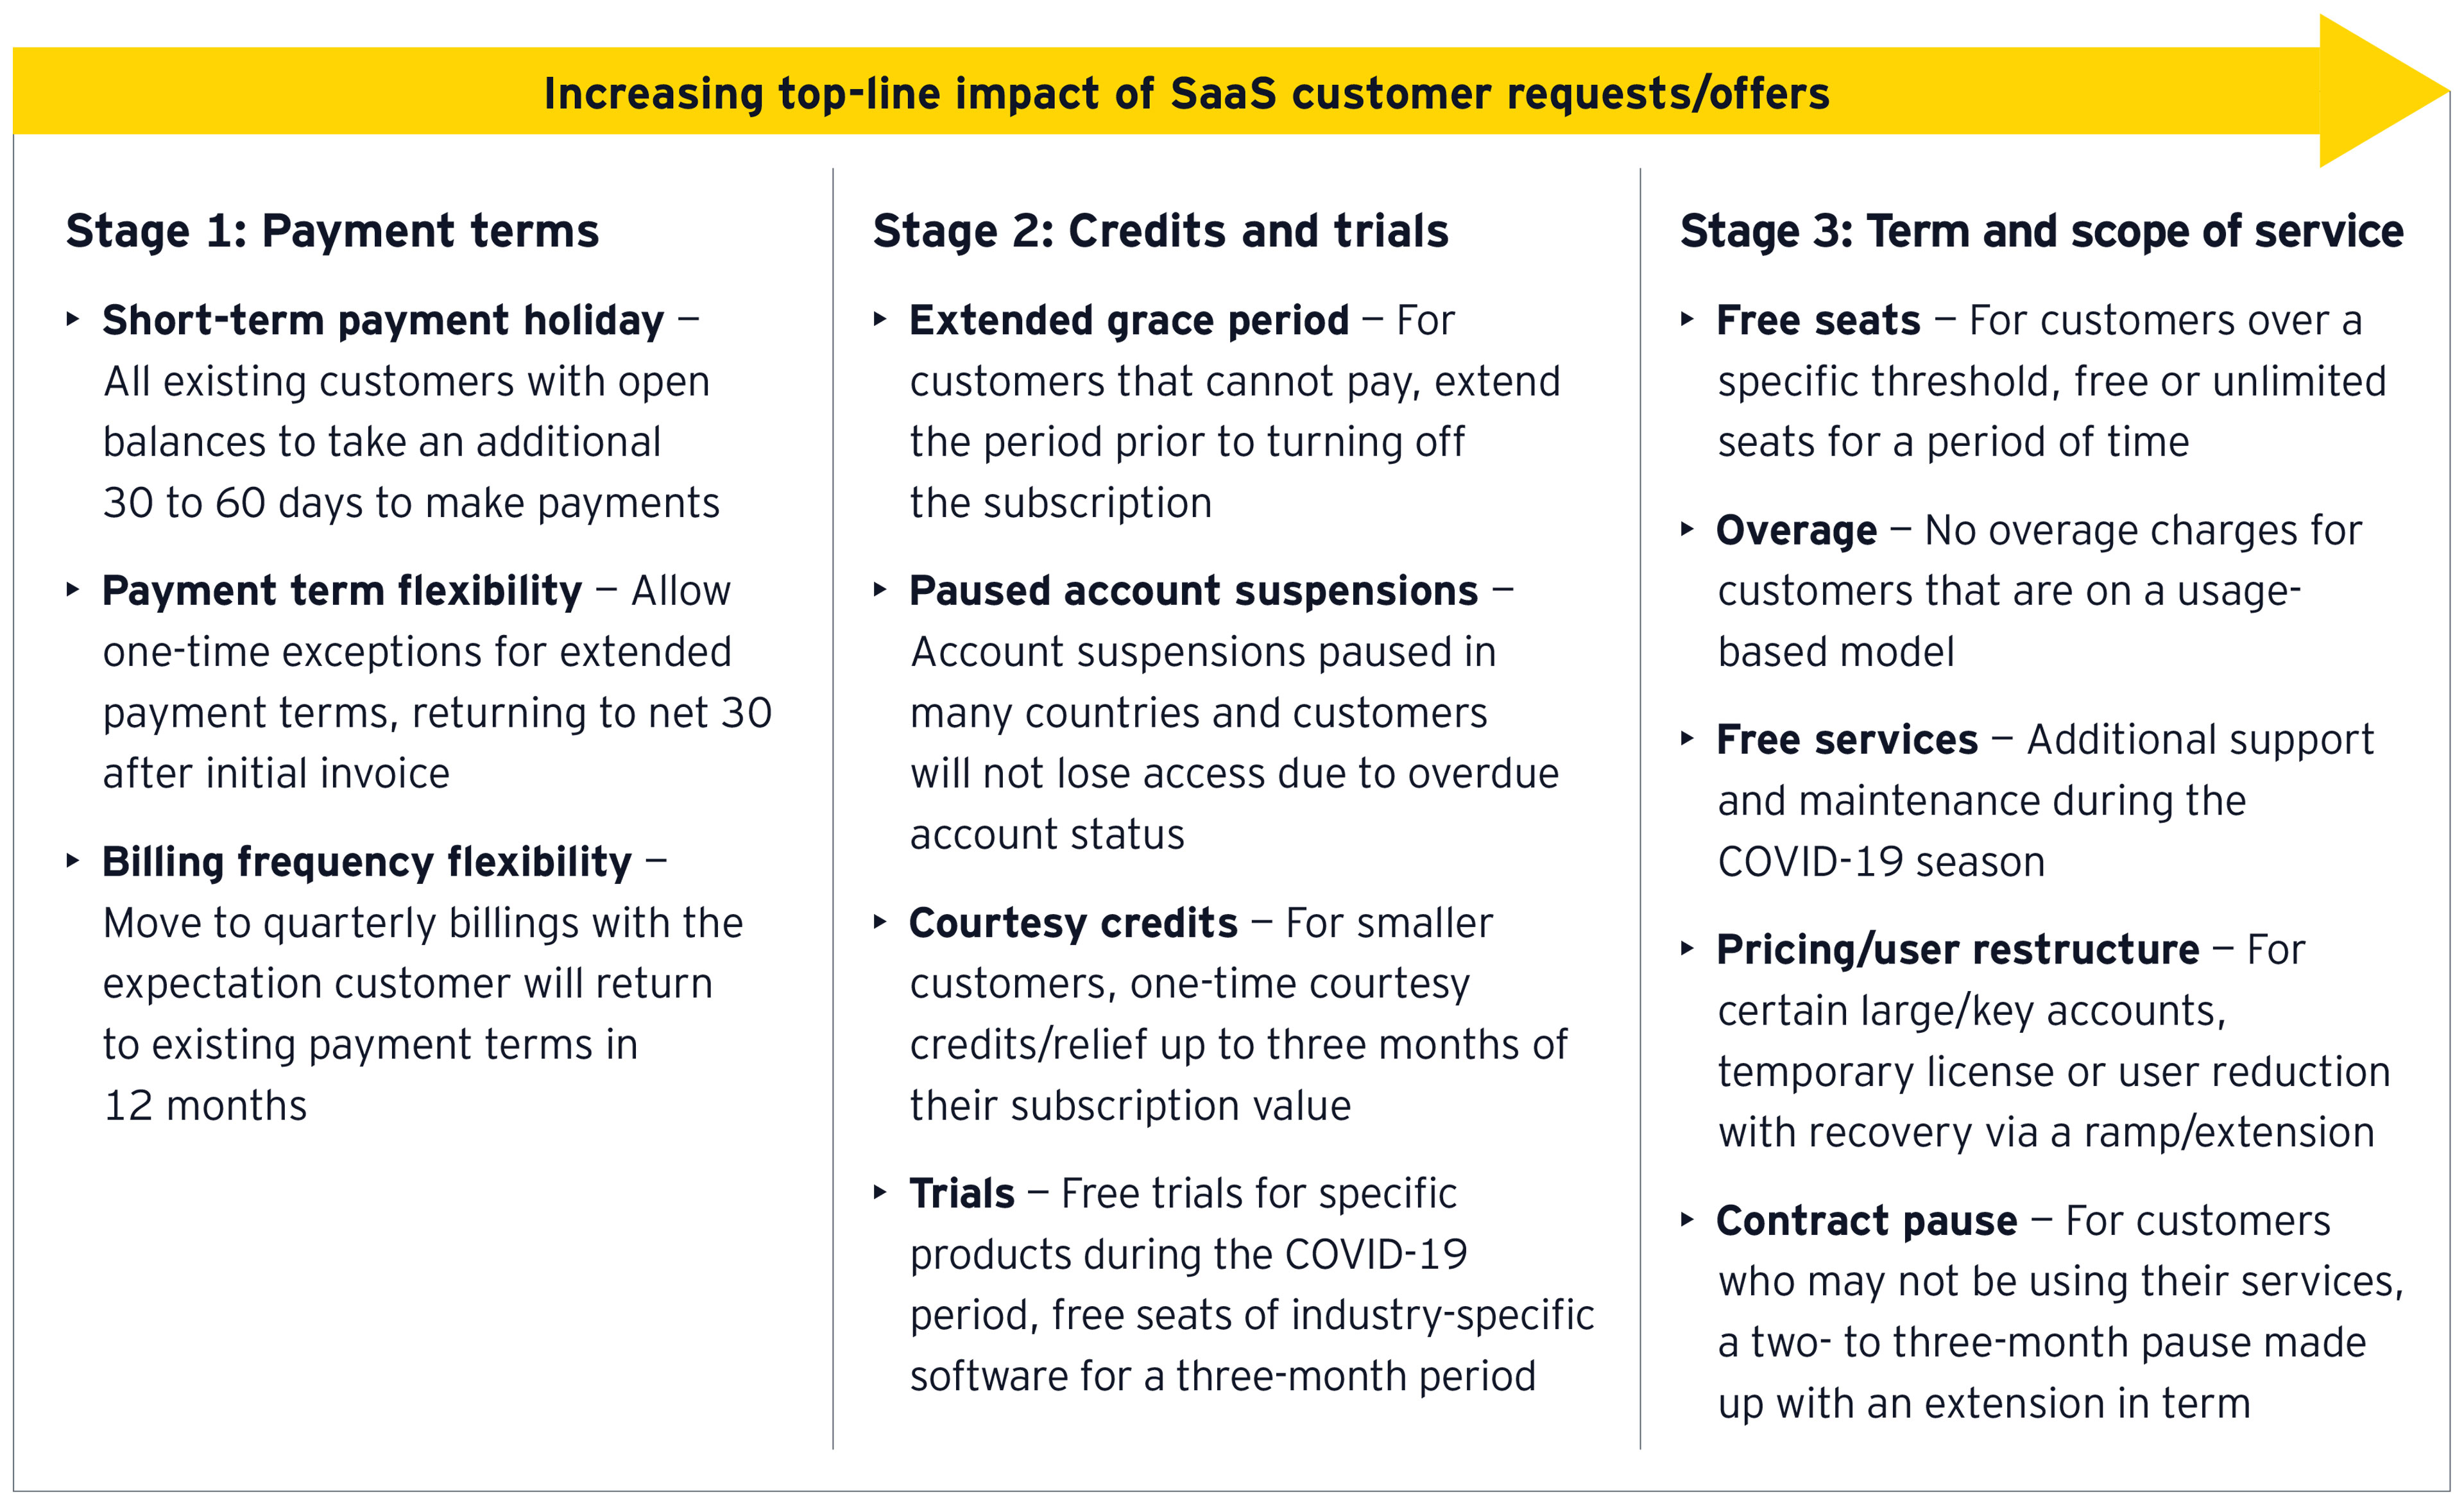 Increasing top line impact of SaaS